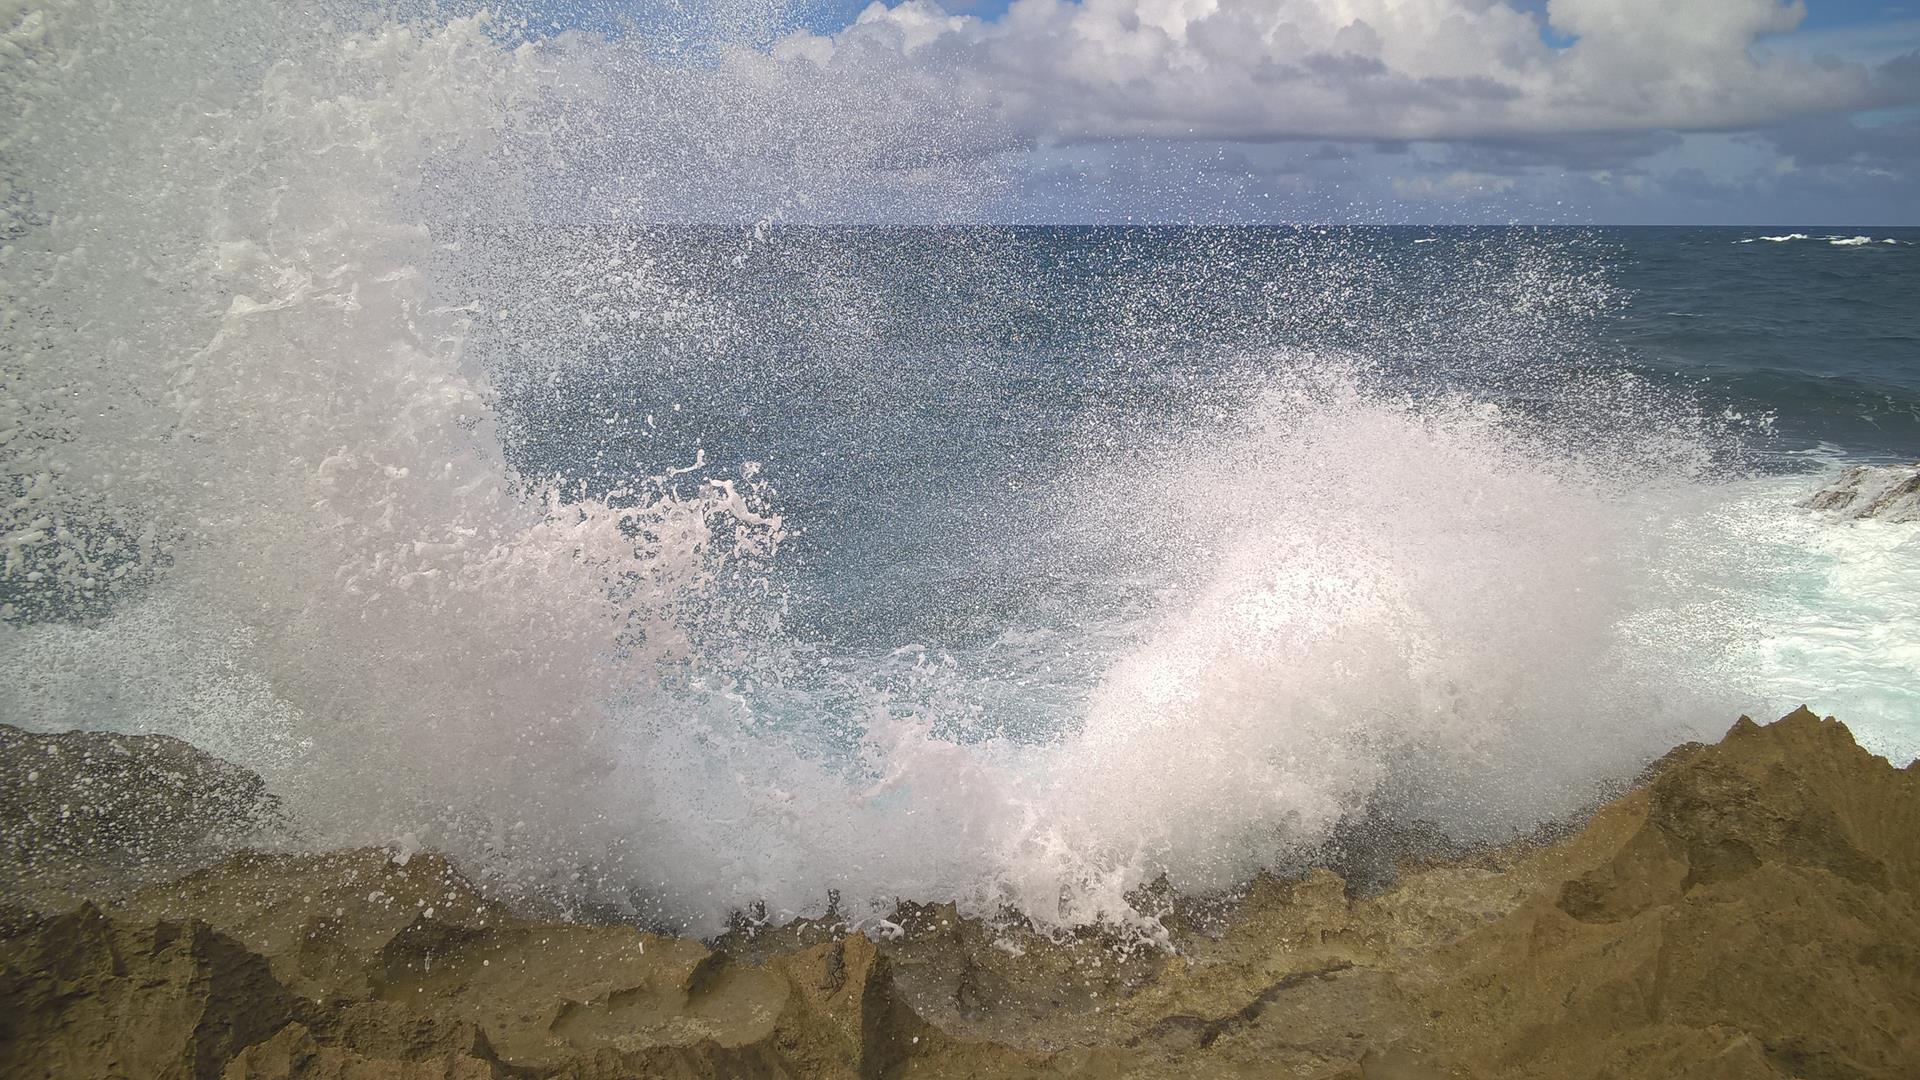 Das Meer hat ordentlich gegen die Küste geschlagen